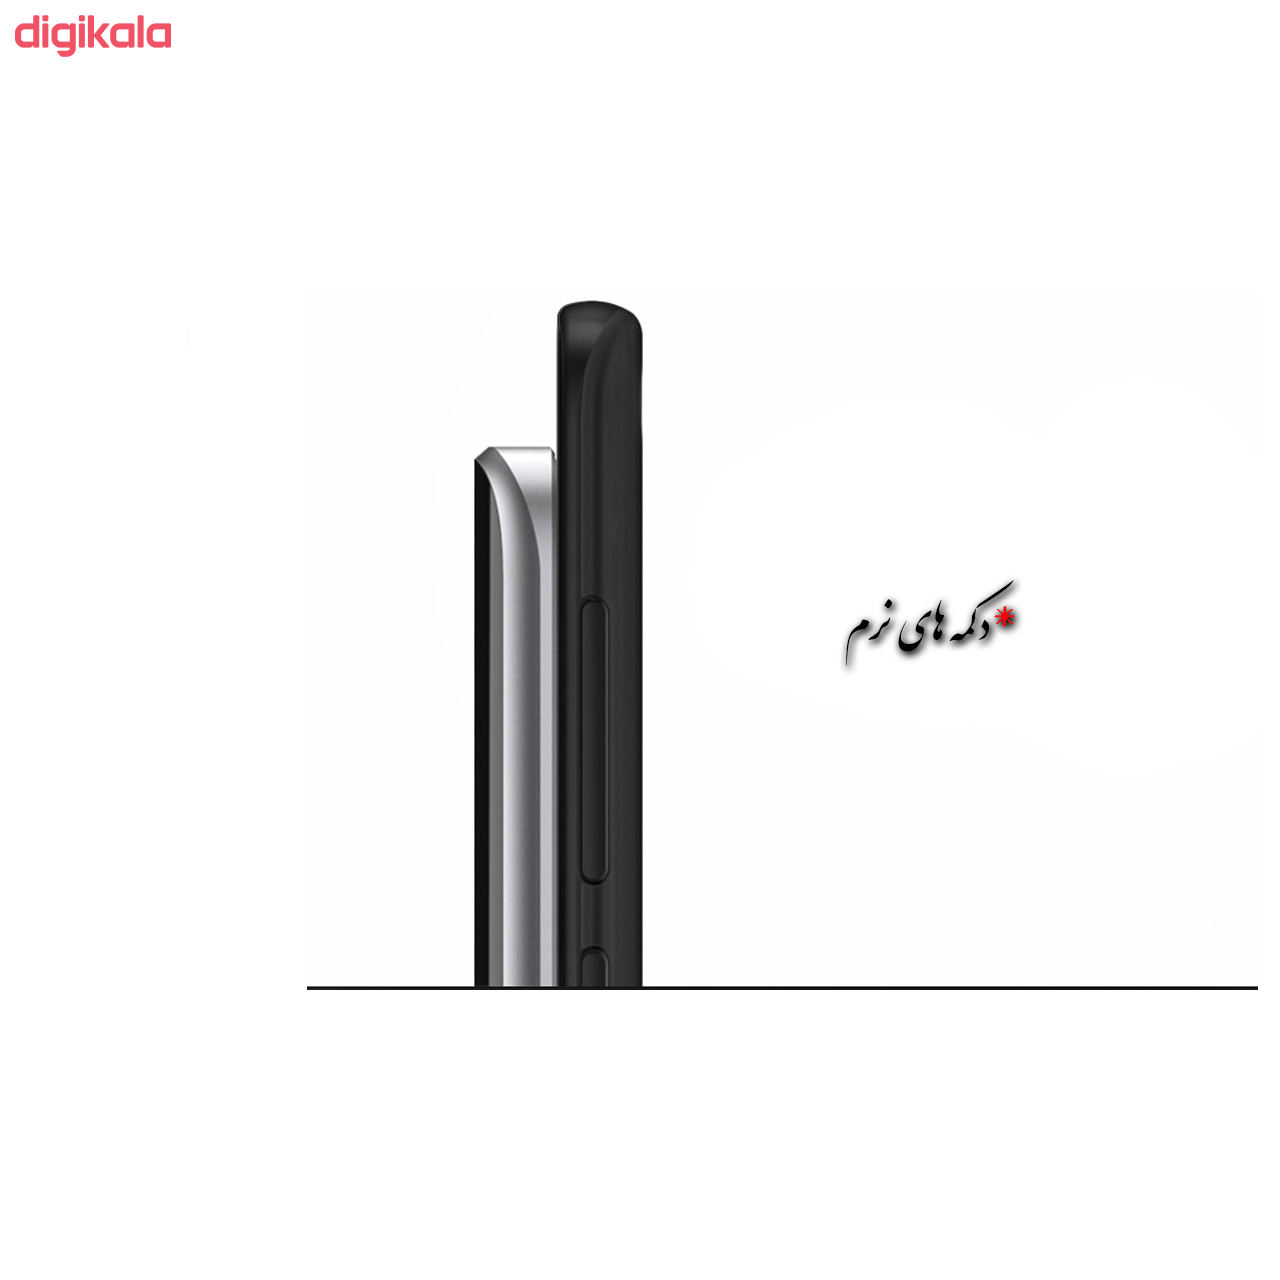 کاور کی اچ مدل 7131 مناسب برای گوشی موبایل اپل Iphone 6/6S main 1 4